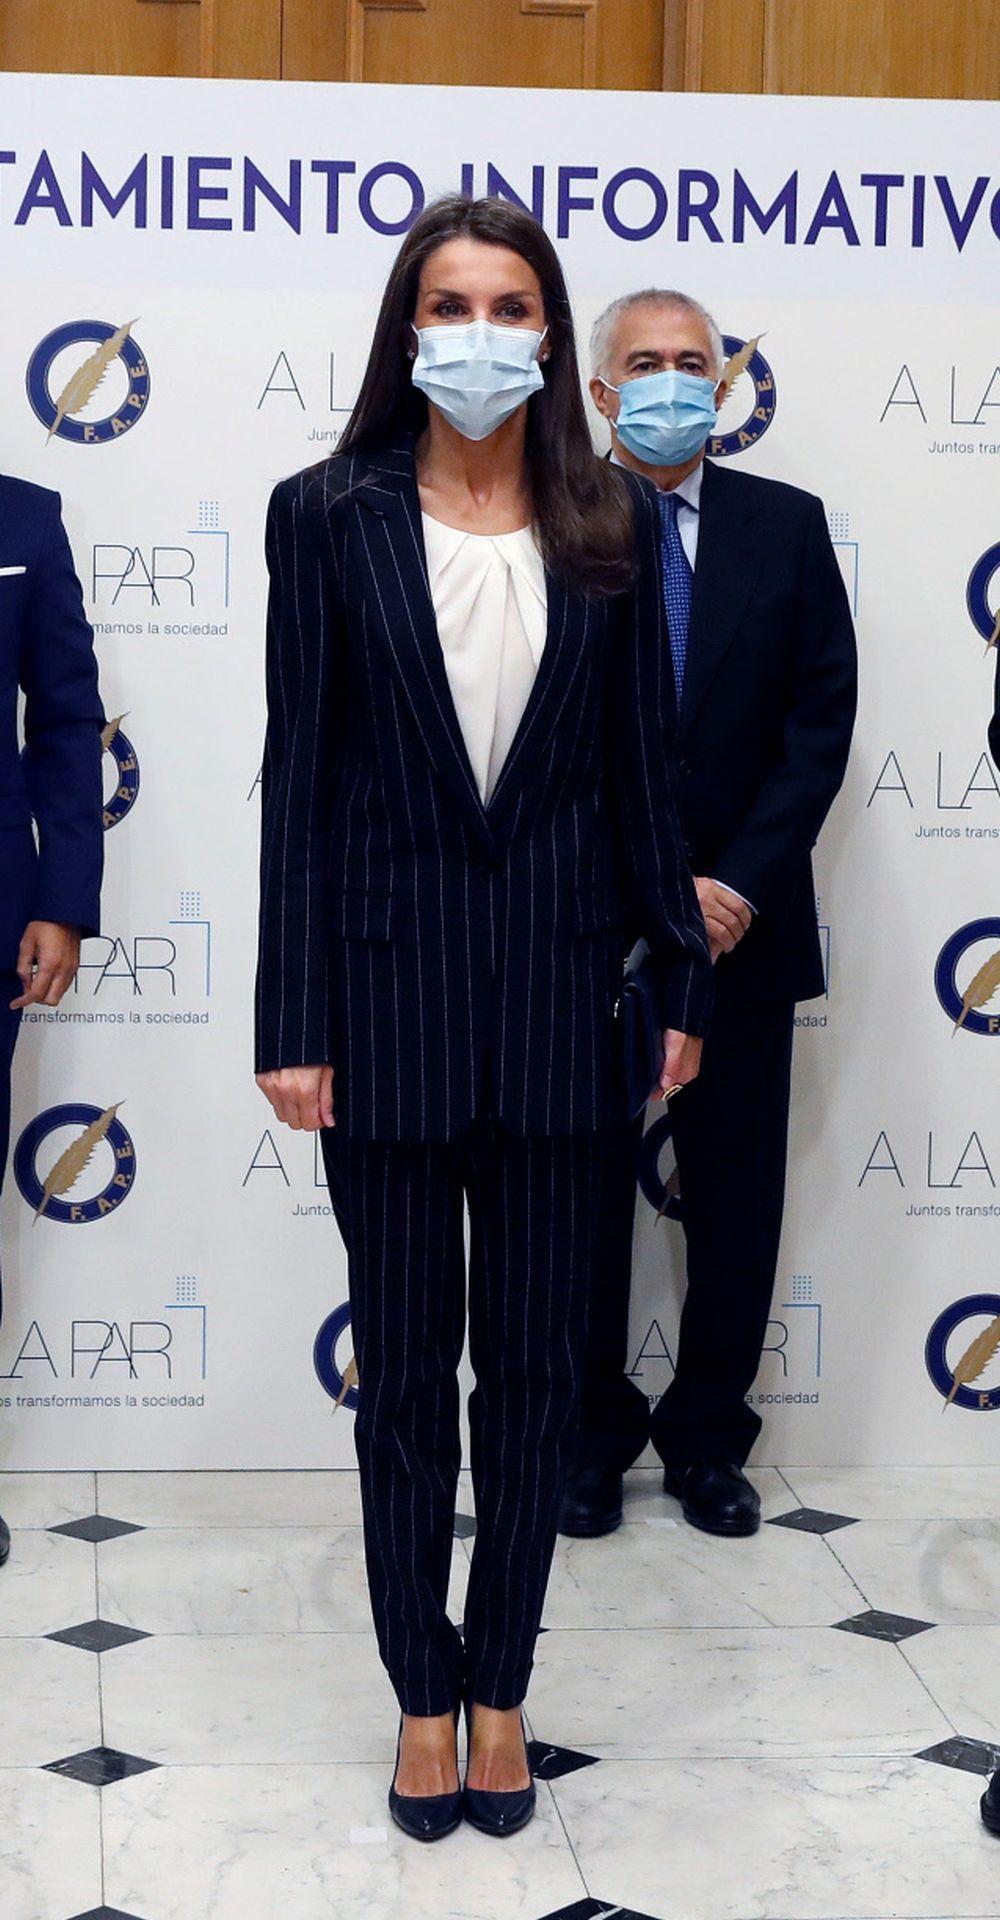 La reina Letizia con sastre de Hugo Boss.